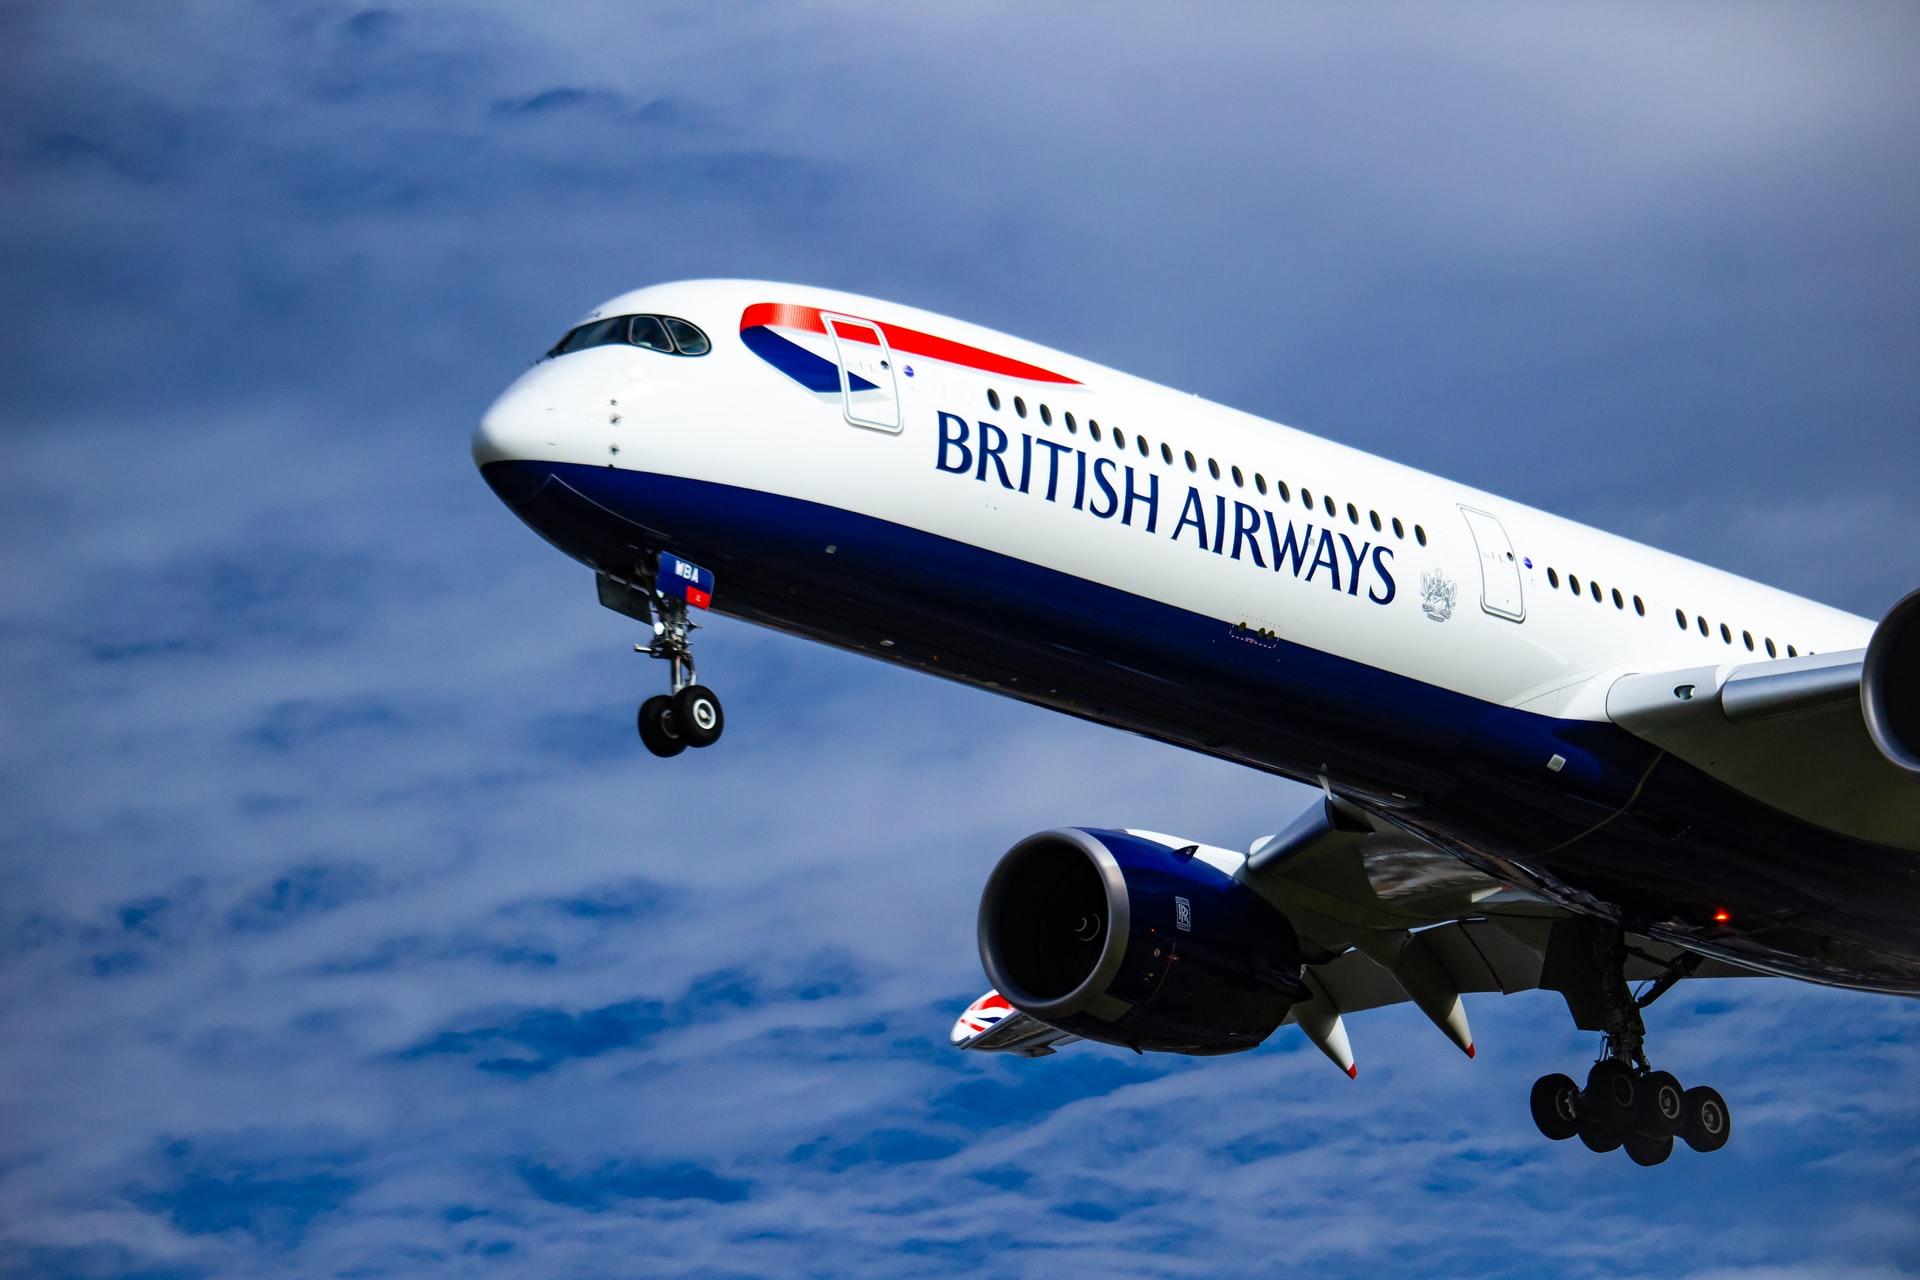 British Airways To Reopen Flights Between UK and Canada